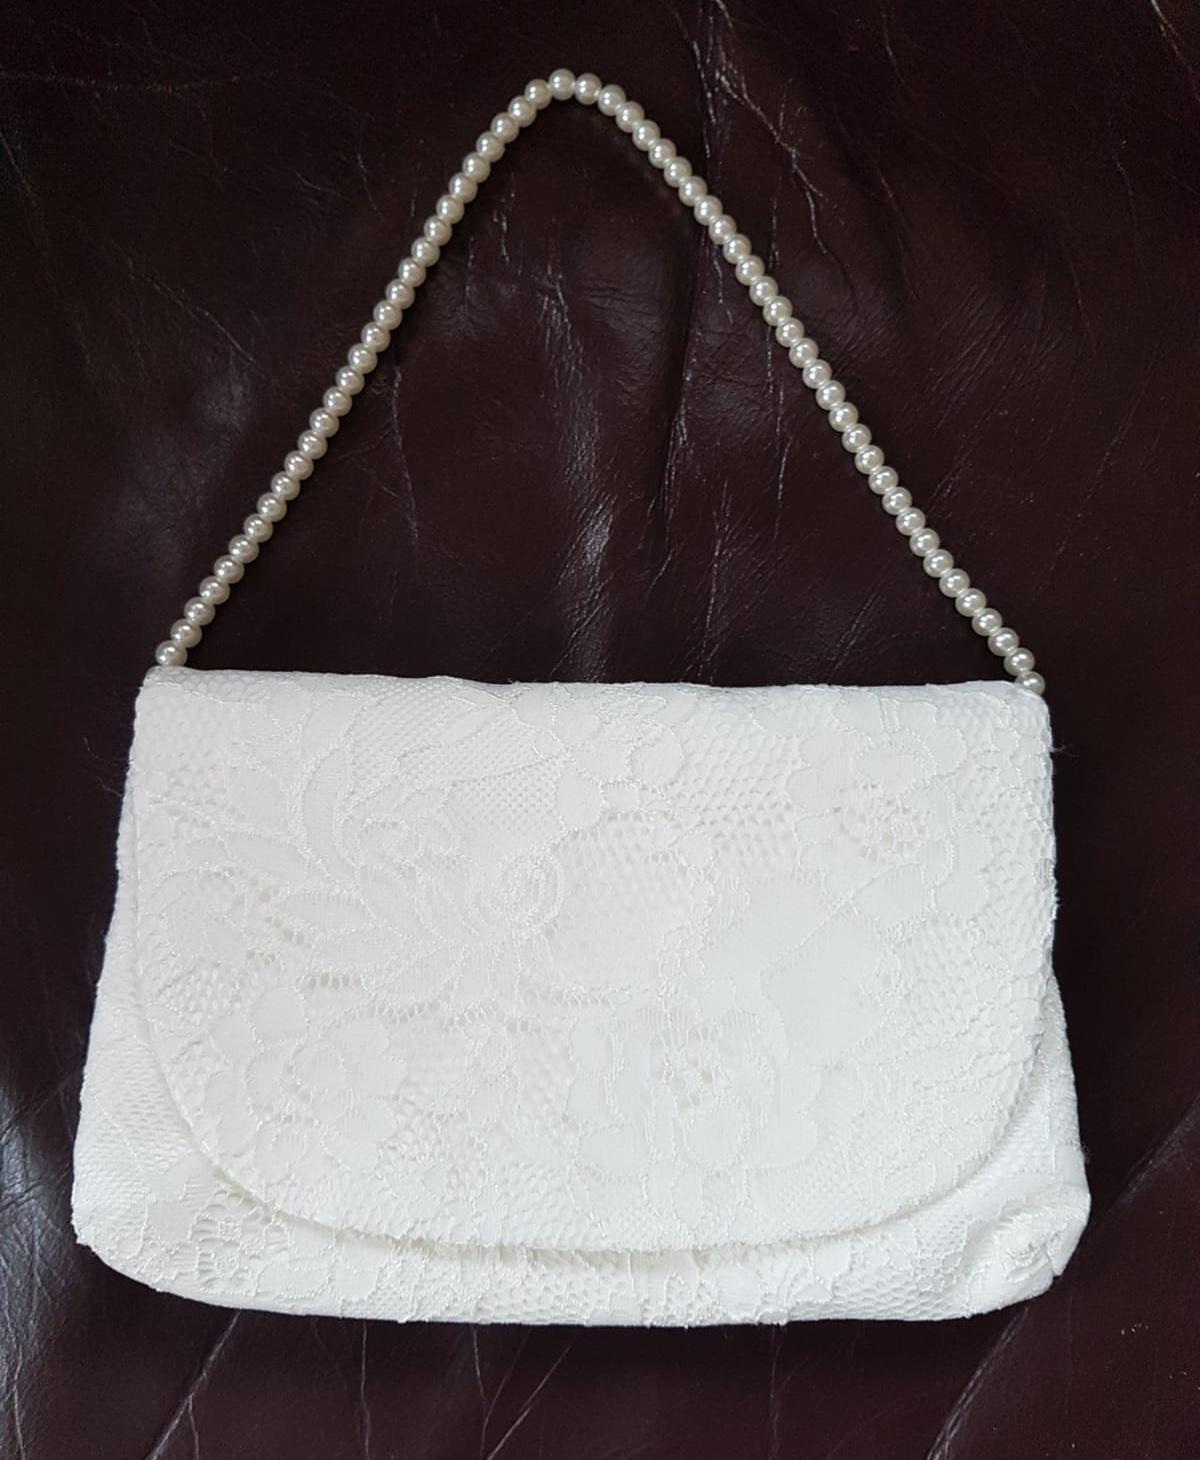 čipkovaná kabelka - Obrázok č. 3